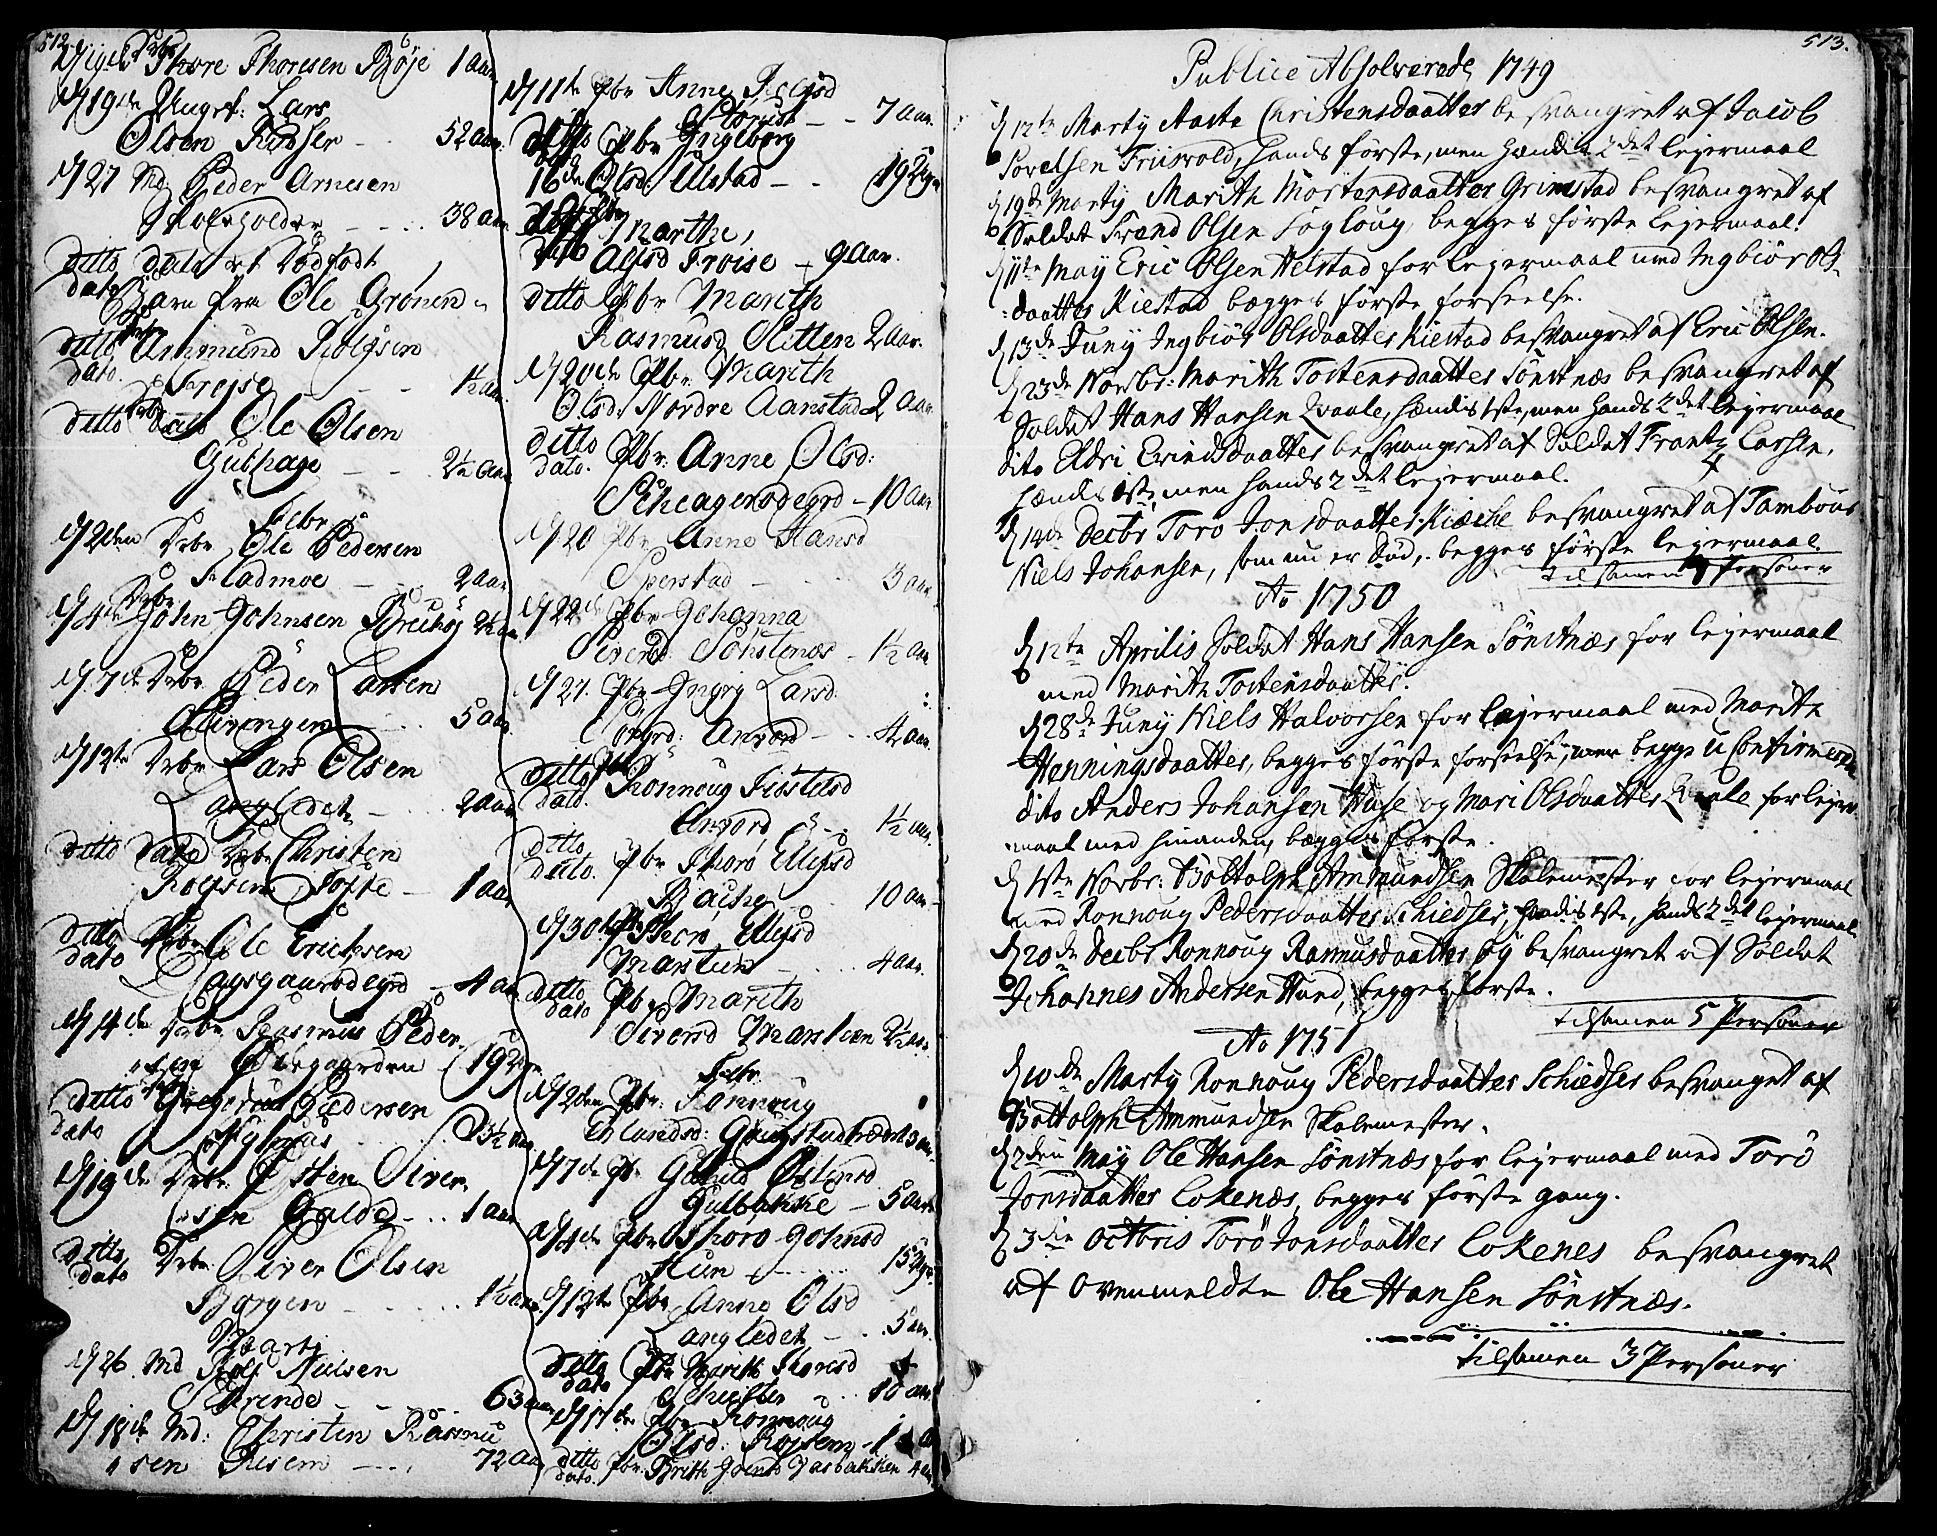 SAH, Lom prestekontor, K/L0002: Ministerialbok nr. 2, 1749-1801, s. 512-513